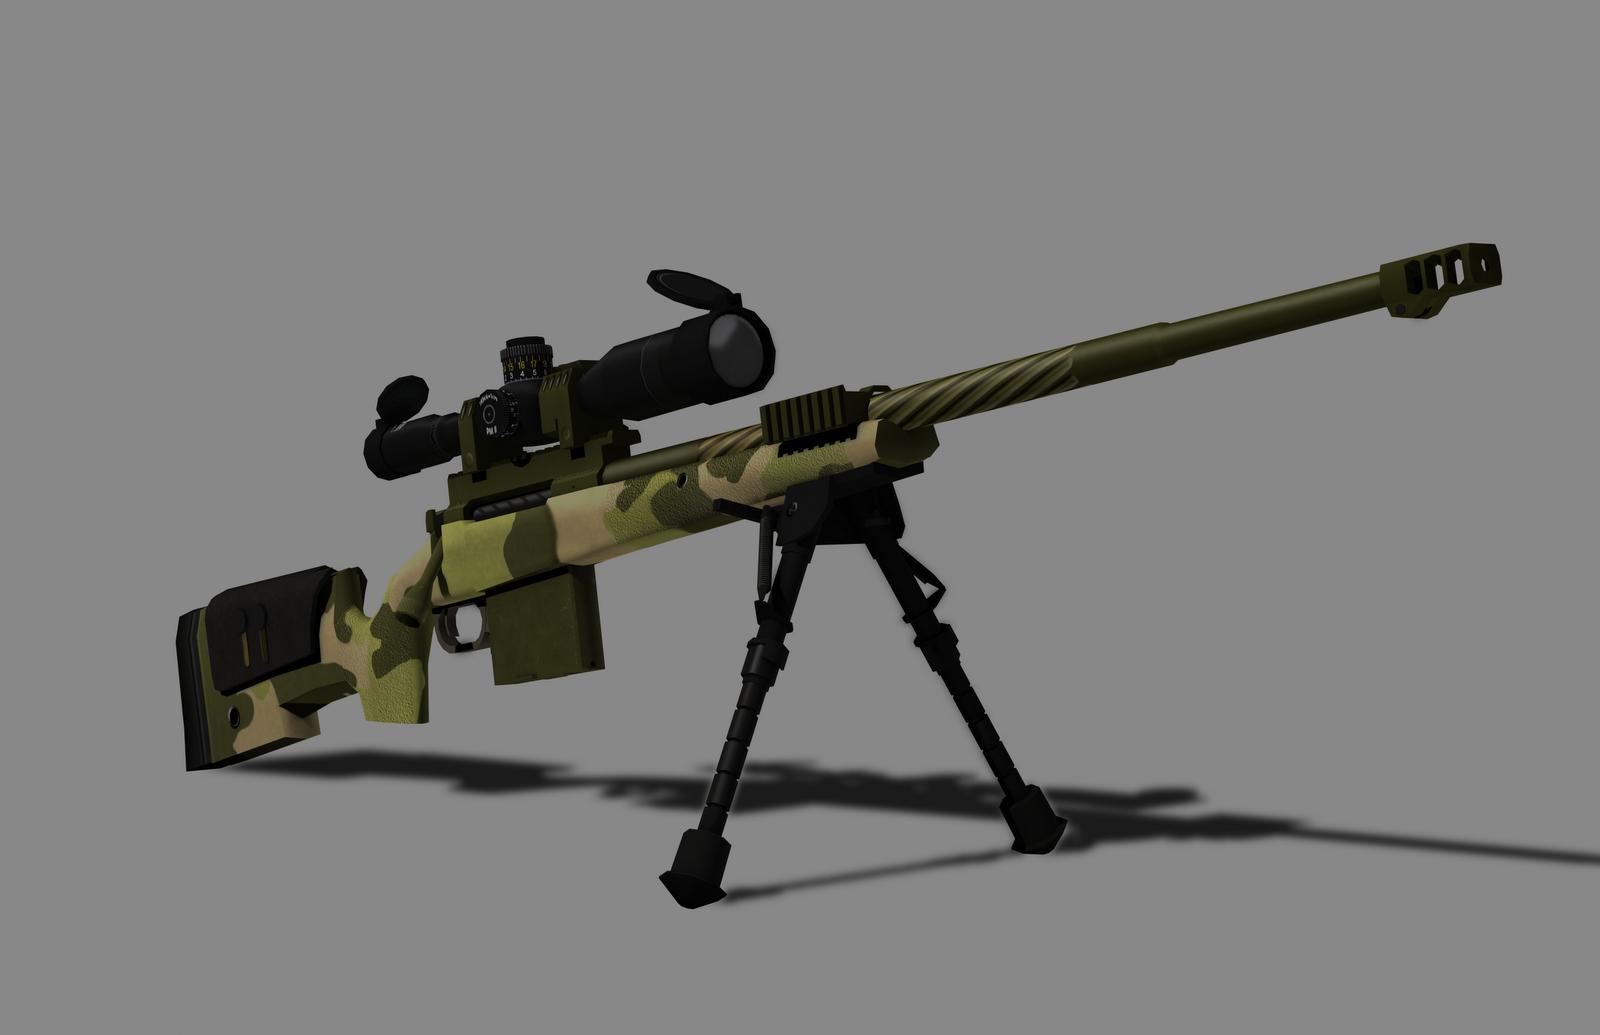 The Brilliant Antelope 5k Still Render Modeling Samples